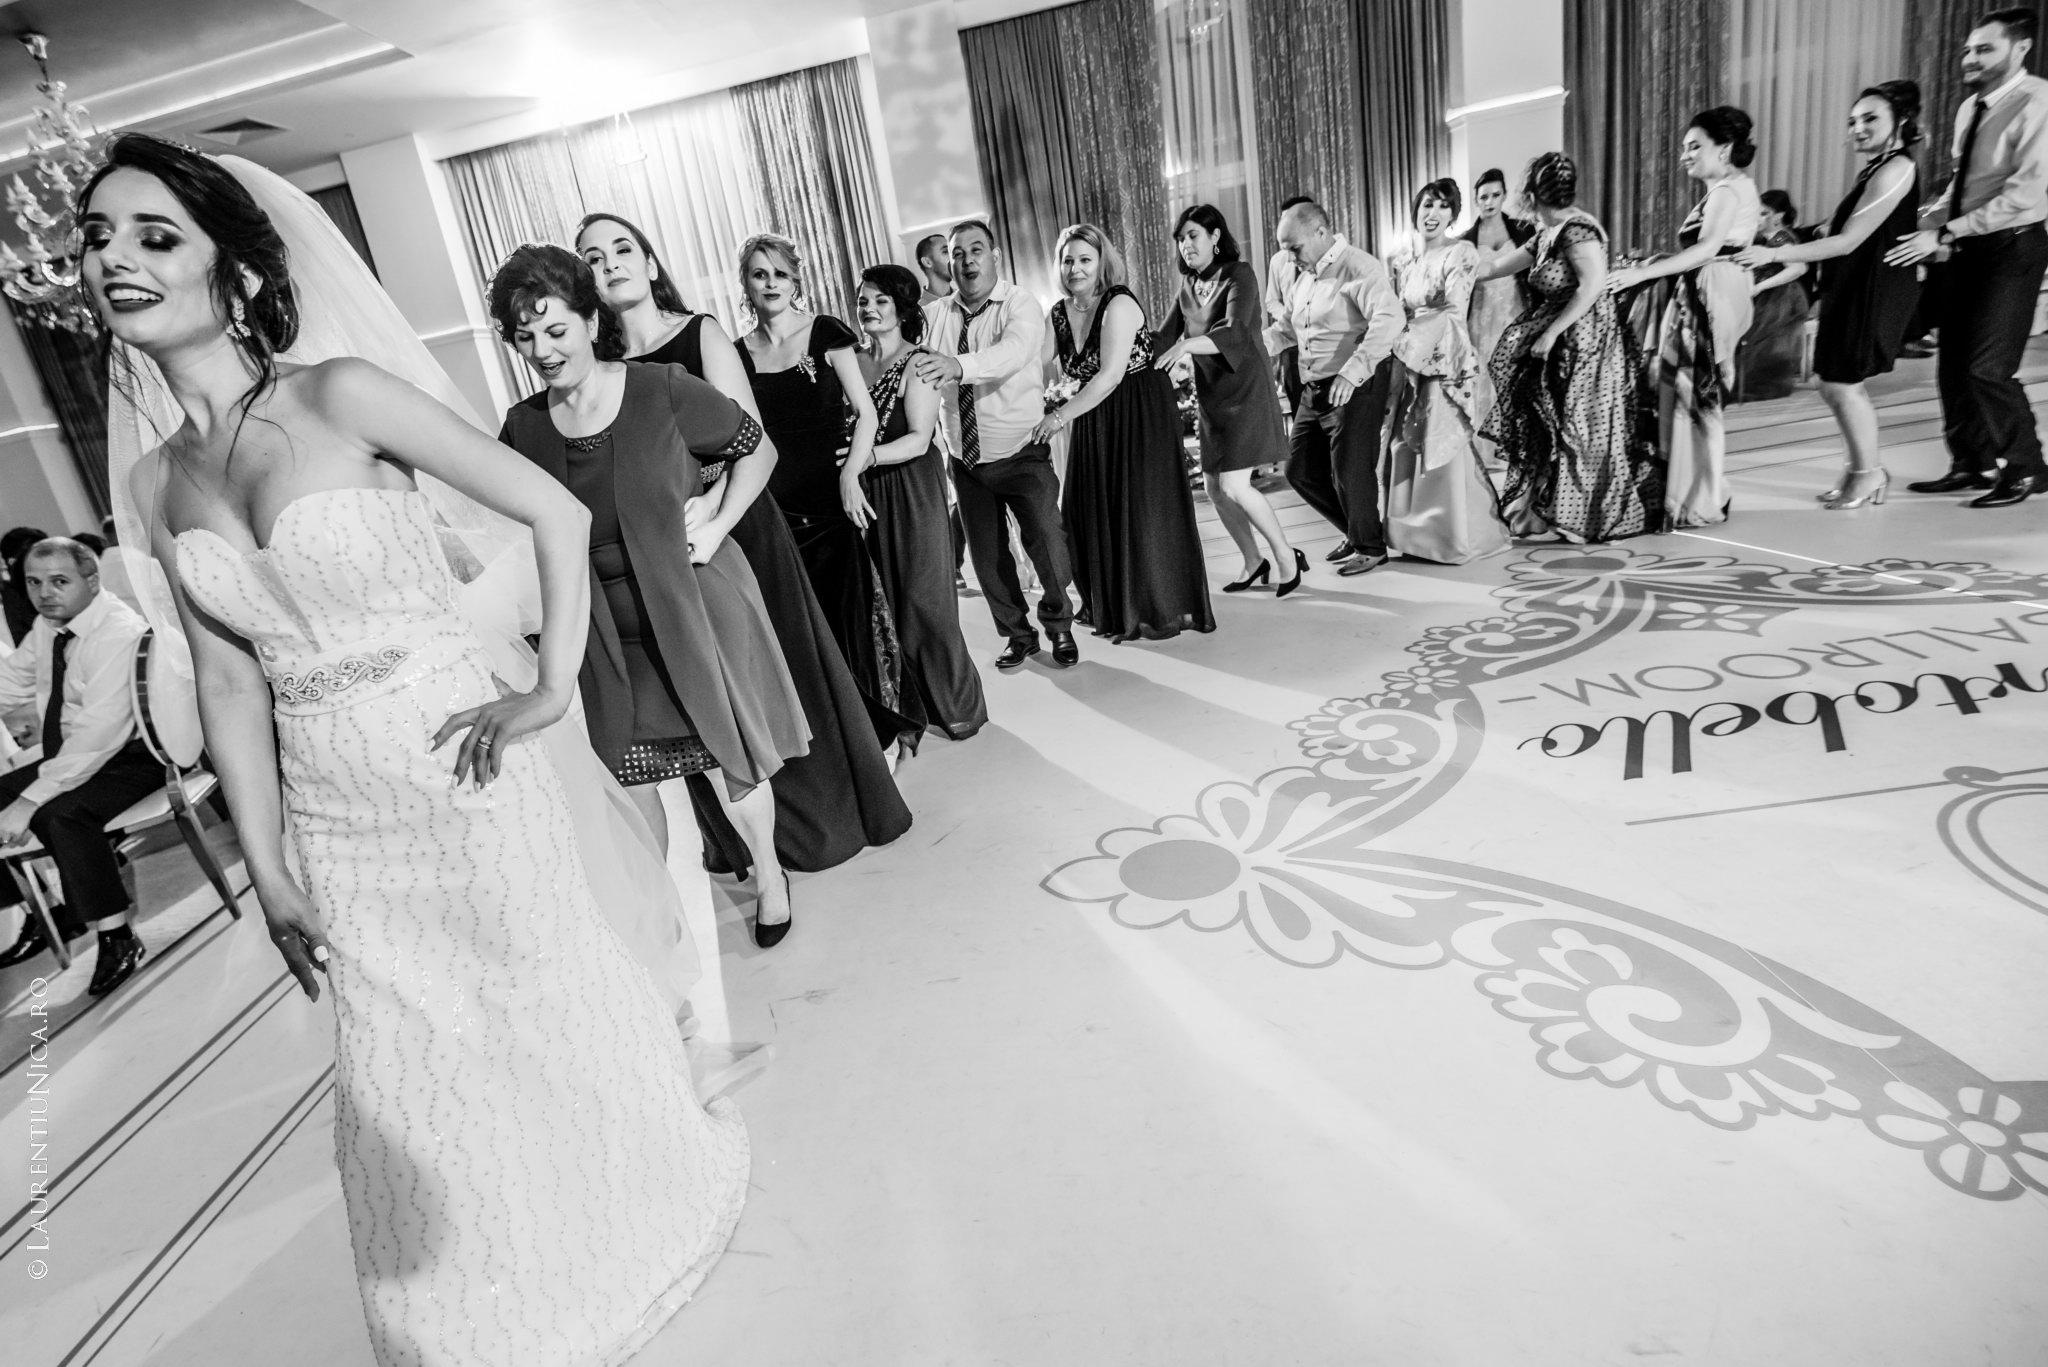 fotografii nunta denisa si florin craiova 46 - Denisa & Florin | Fotografii nunta | Craiova